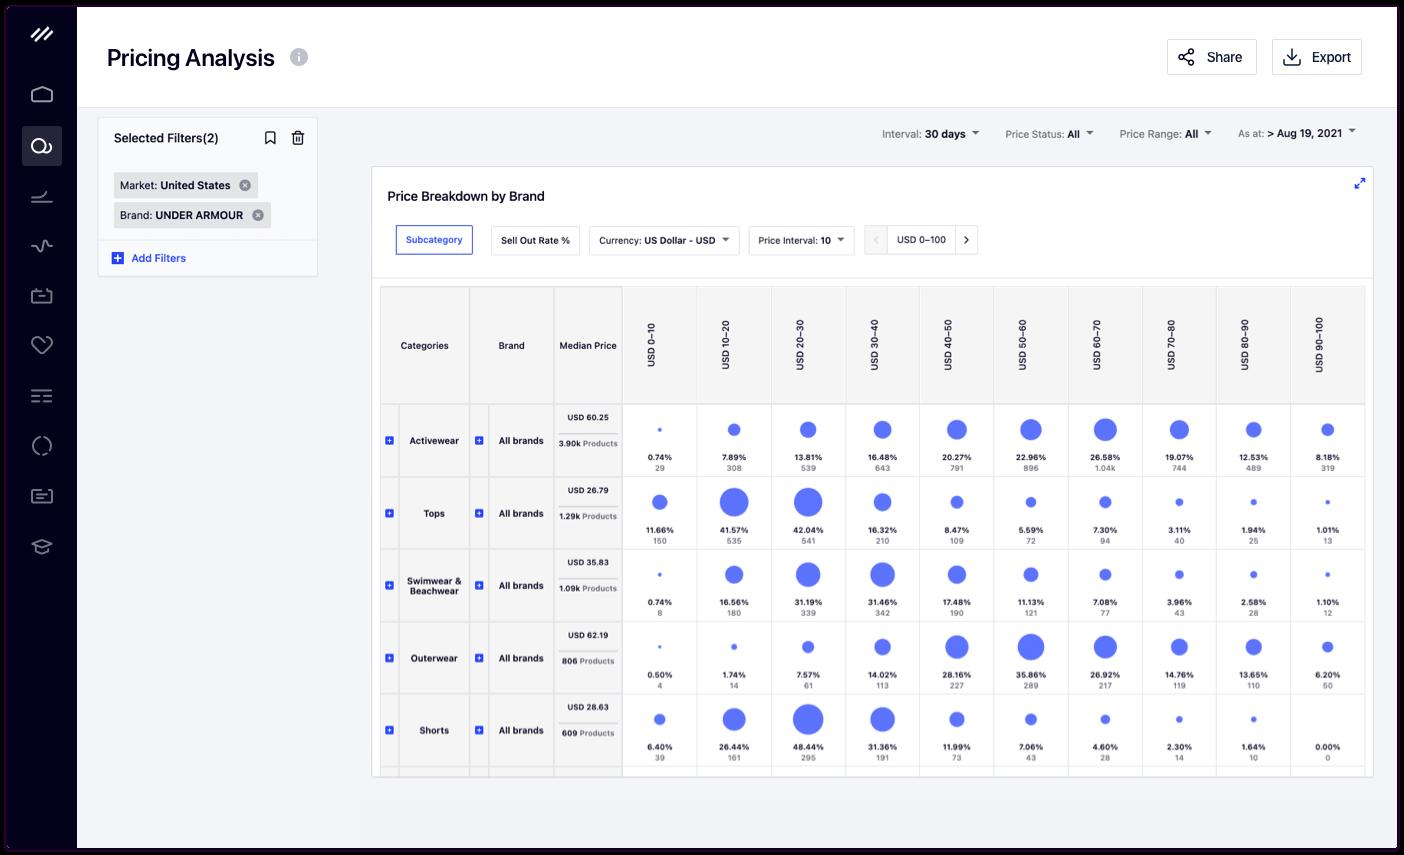 Pricing Analysis Dashboard